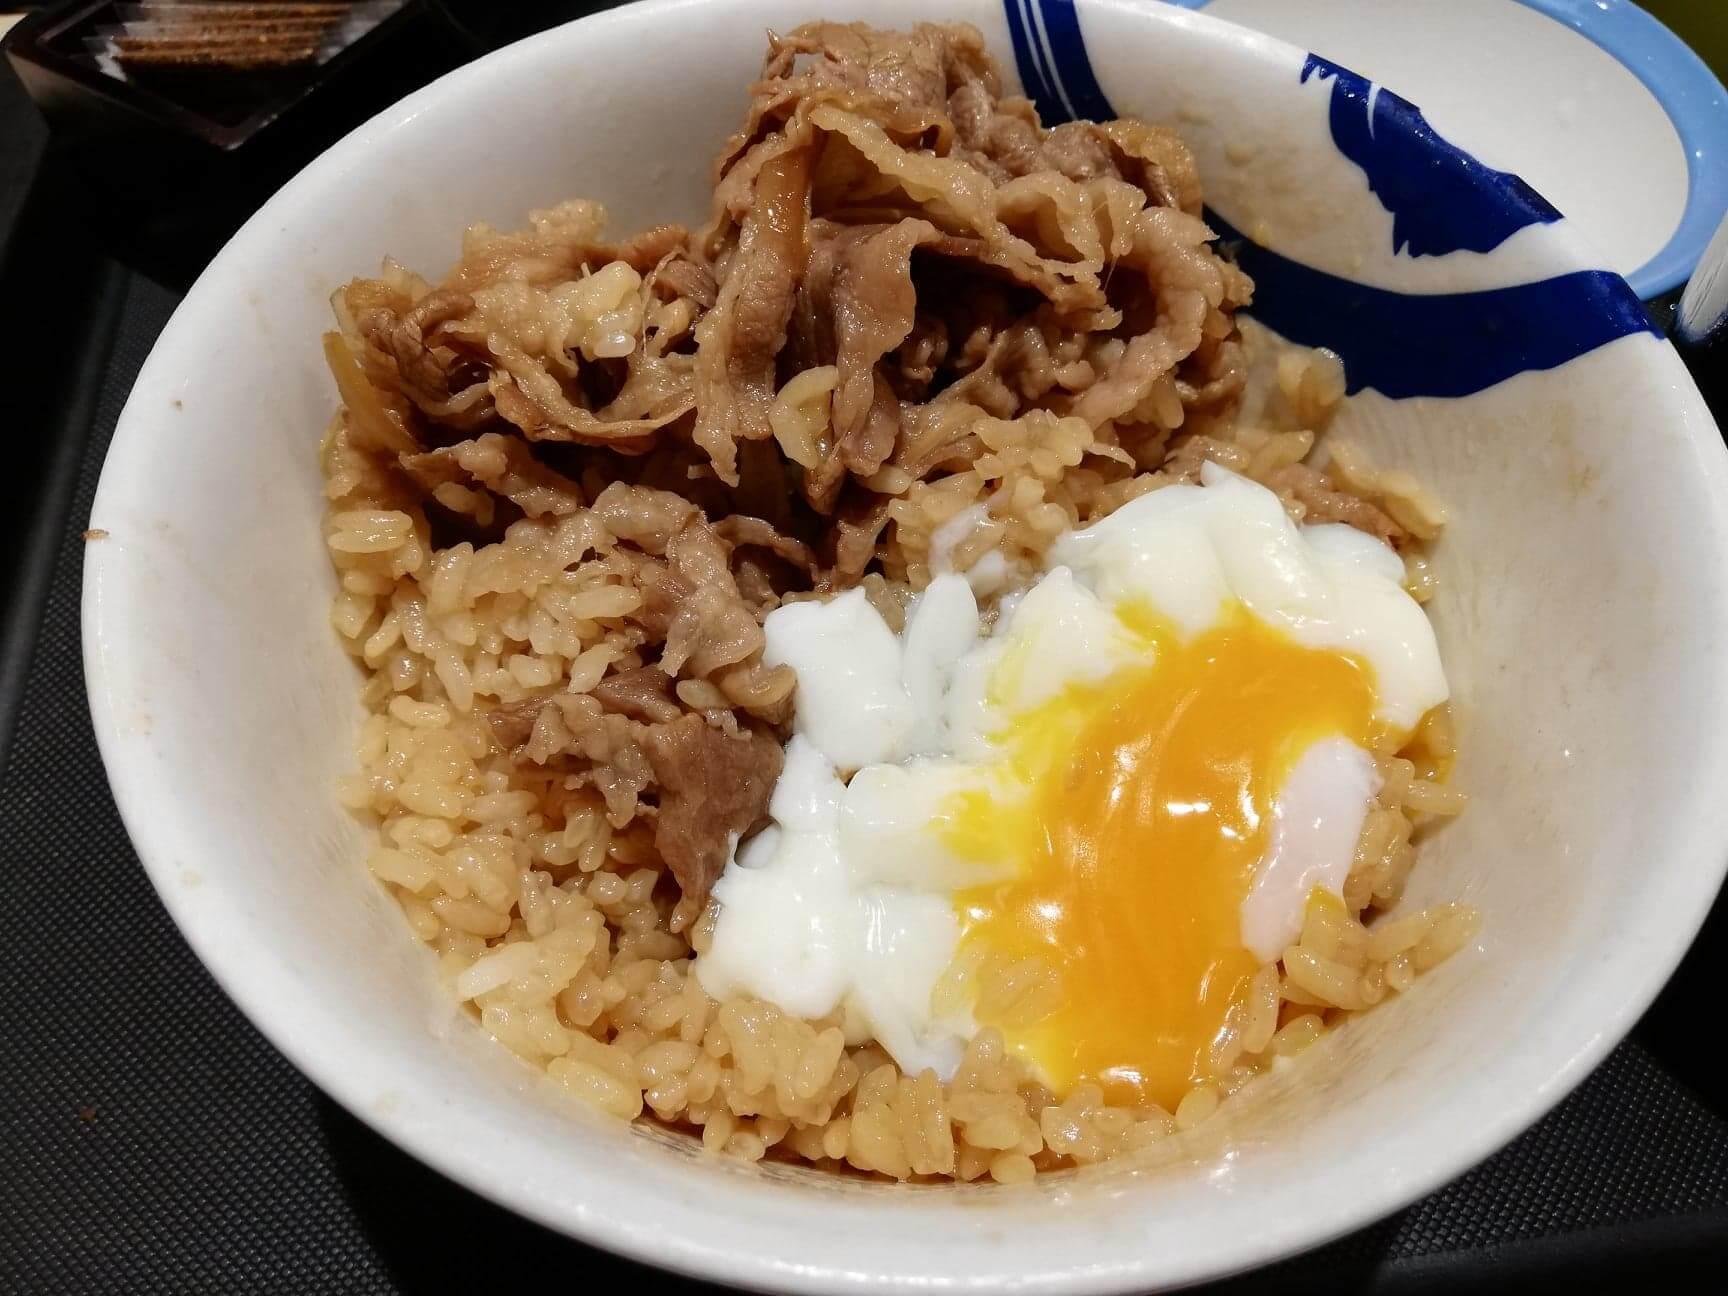 松屋の牛丼に半熟卵を乗せた写真